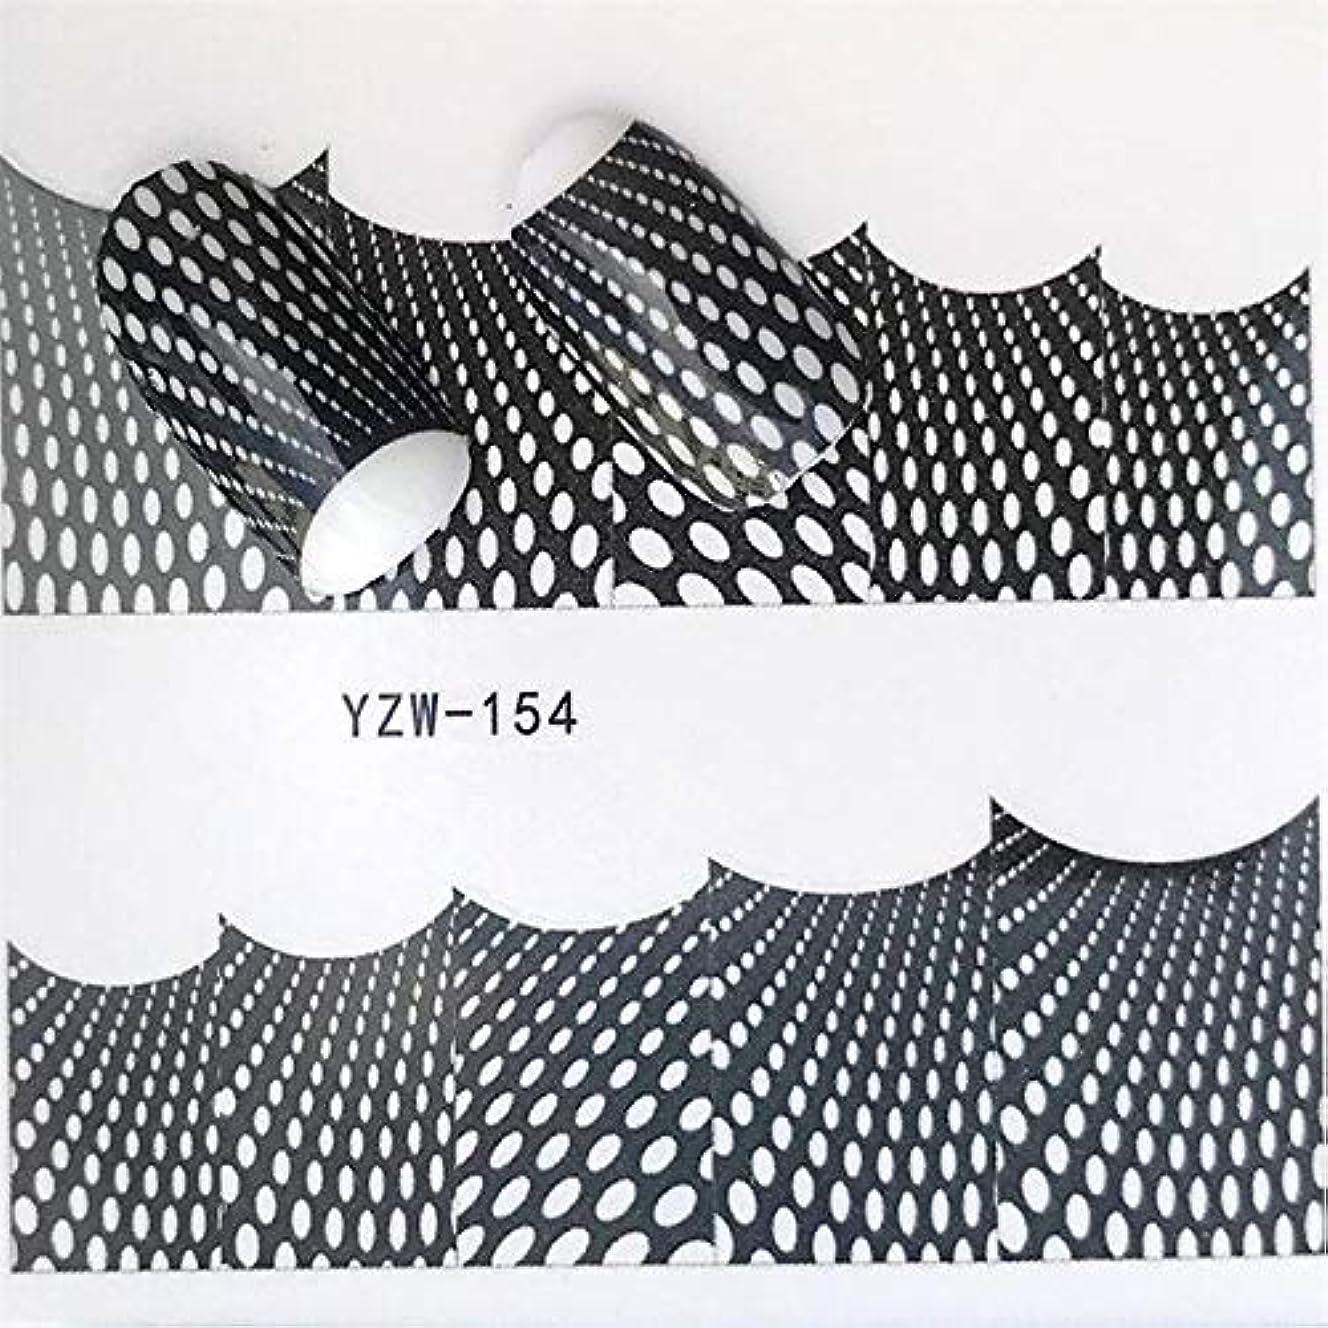 比類なき議論する着実にSUKTI&XIAO ネイルステッカー 32デザイン水彩ネイルデカールジオアニマルフラワーウォータートランスファーステッカーネイルラップ装飾のヒント